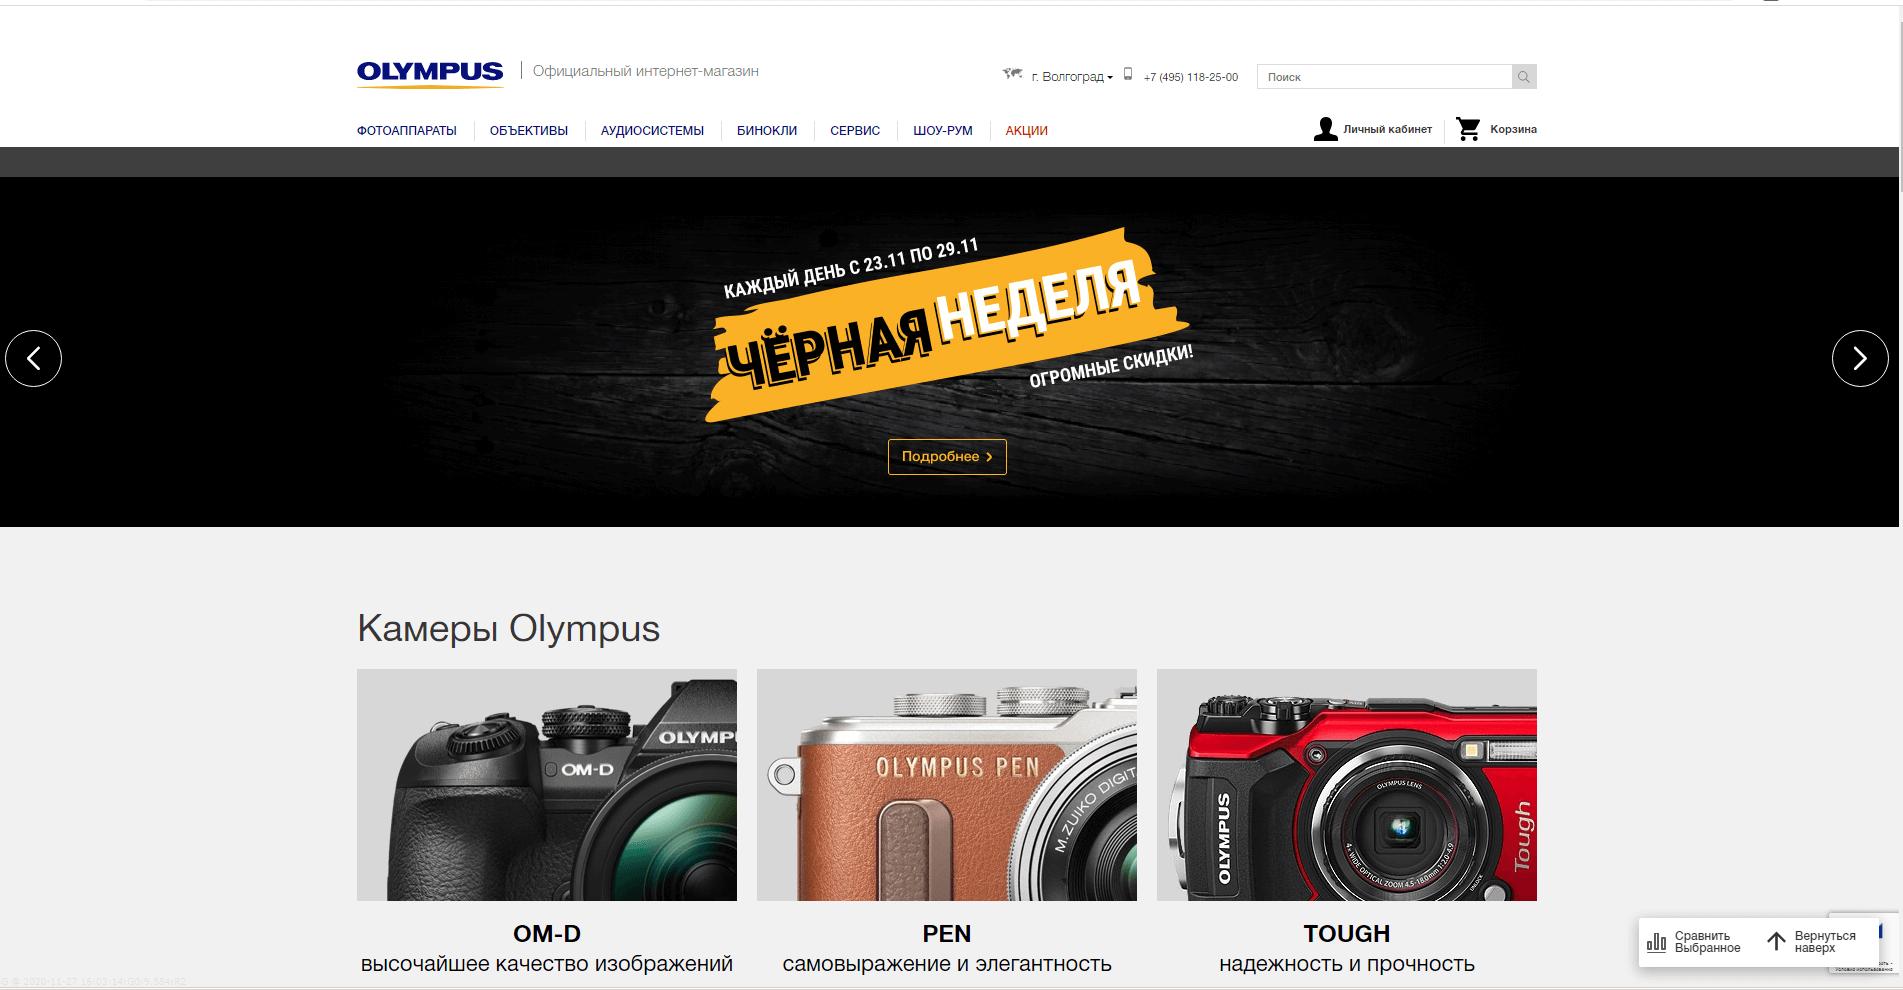 olympus.store website